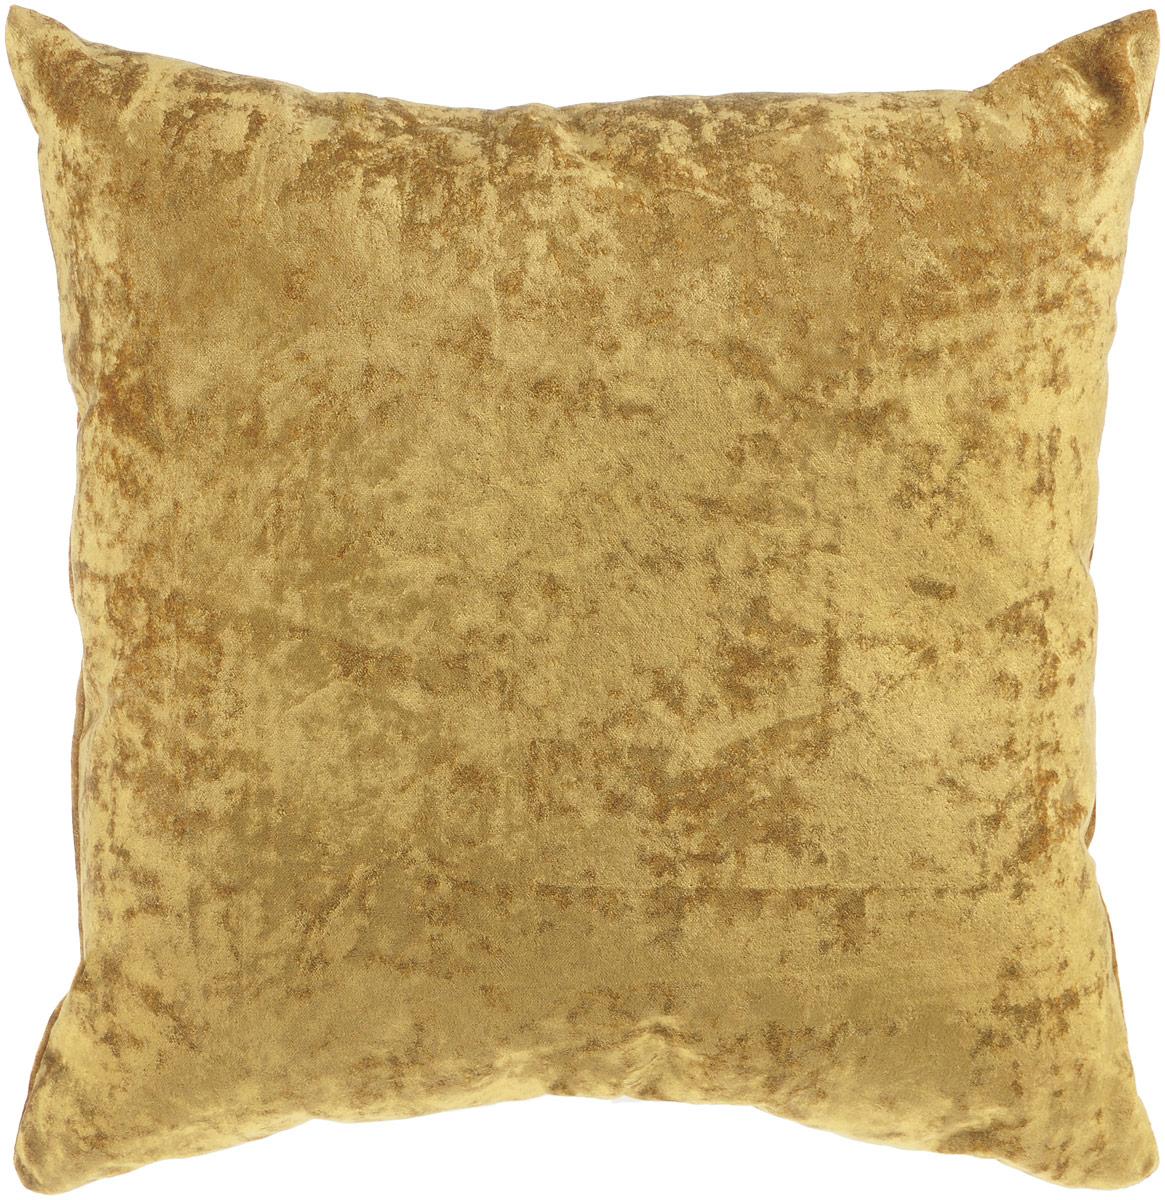 Подушка декоративная KauffOrt Бархат, цвет: горчичный, 40 x 40 см3121039654Декоративная подушка Бархат прекрасно дополнит интерьер спальни или гостиной. Бархатистый на ощупь чехол подушки выполнен из 49% вискозы, 42% хлопка и 9% полиэстера. Внутри находится мягкий наполнитель. Чехол легко снимается благодаря потайной молнии.Красивая подушка создаст атмосферу уюта и комфорта в спальне и станет прекрасным элементом декора.